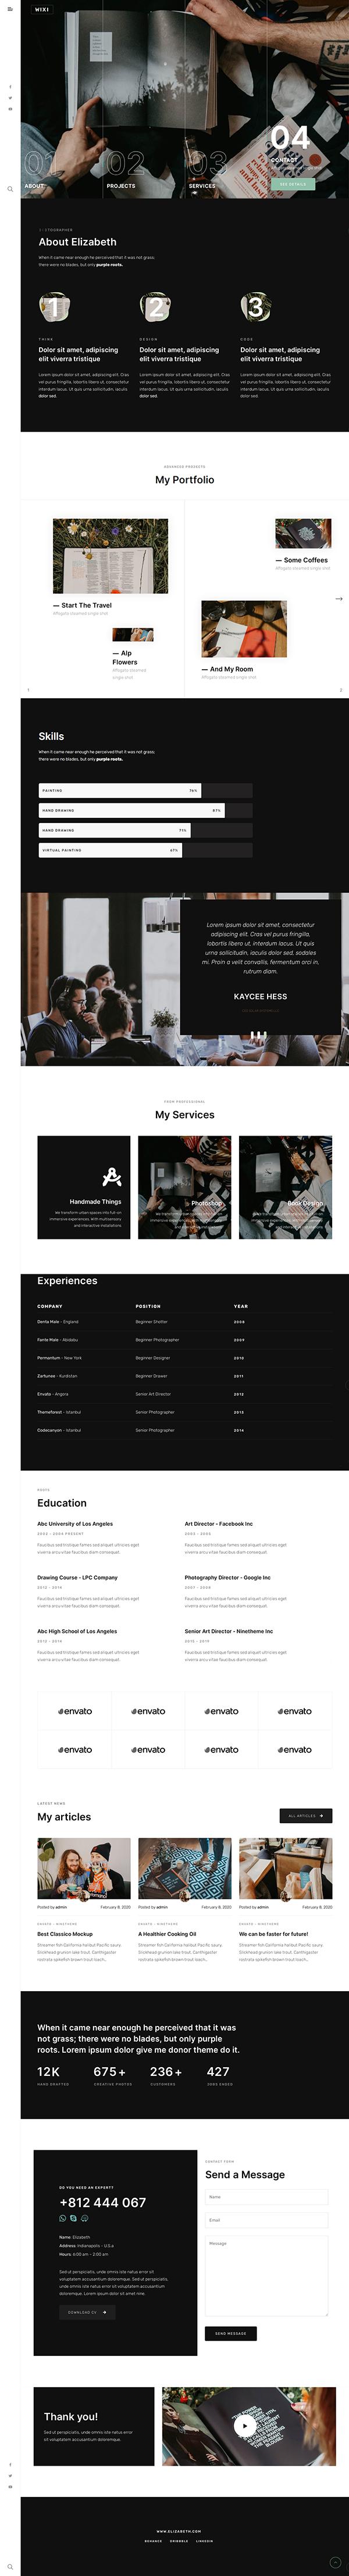 Wixi - Elementor Portfolio WordPress Theme